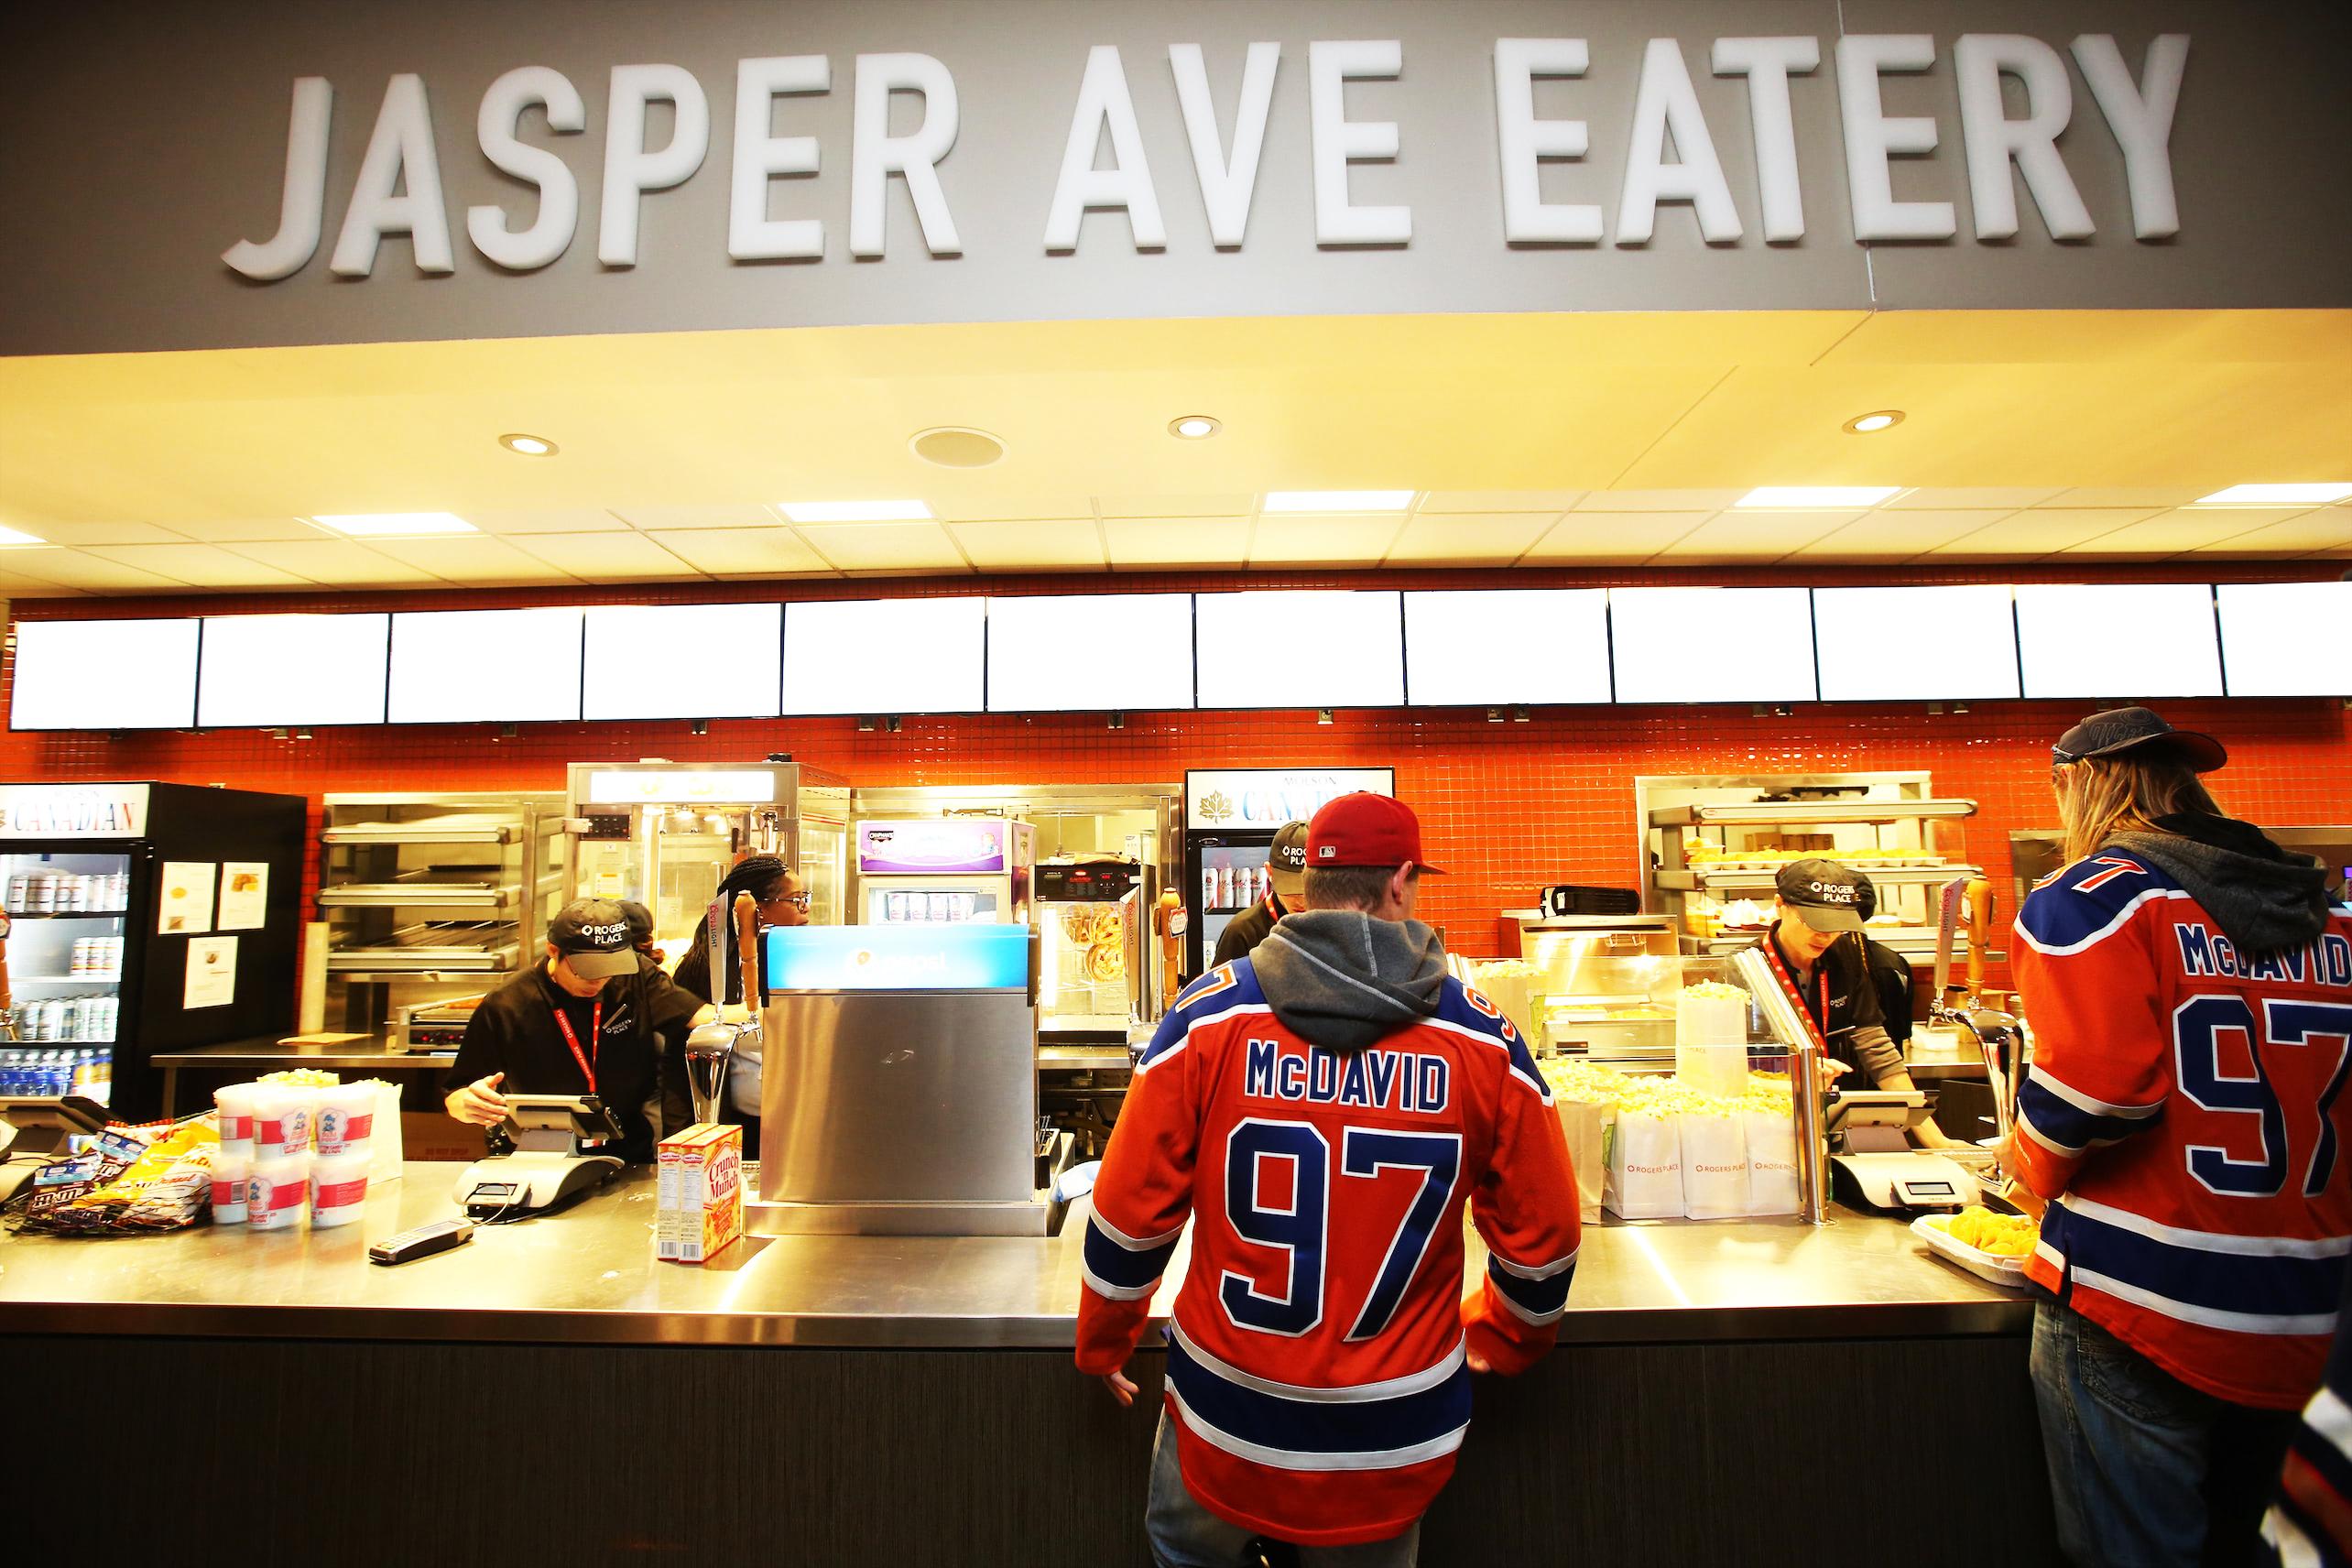 Jasper Ave Eatery